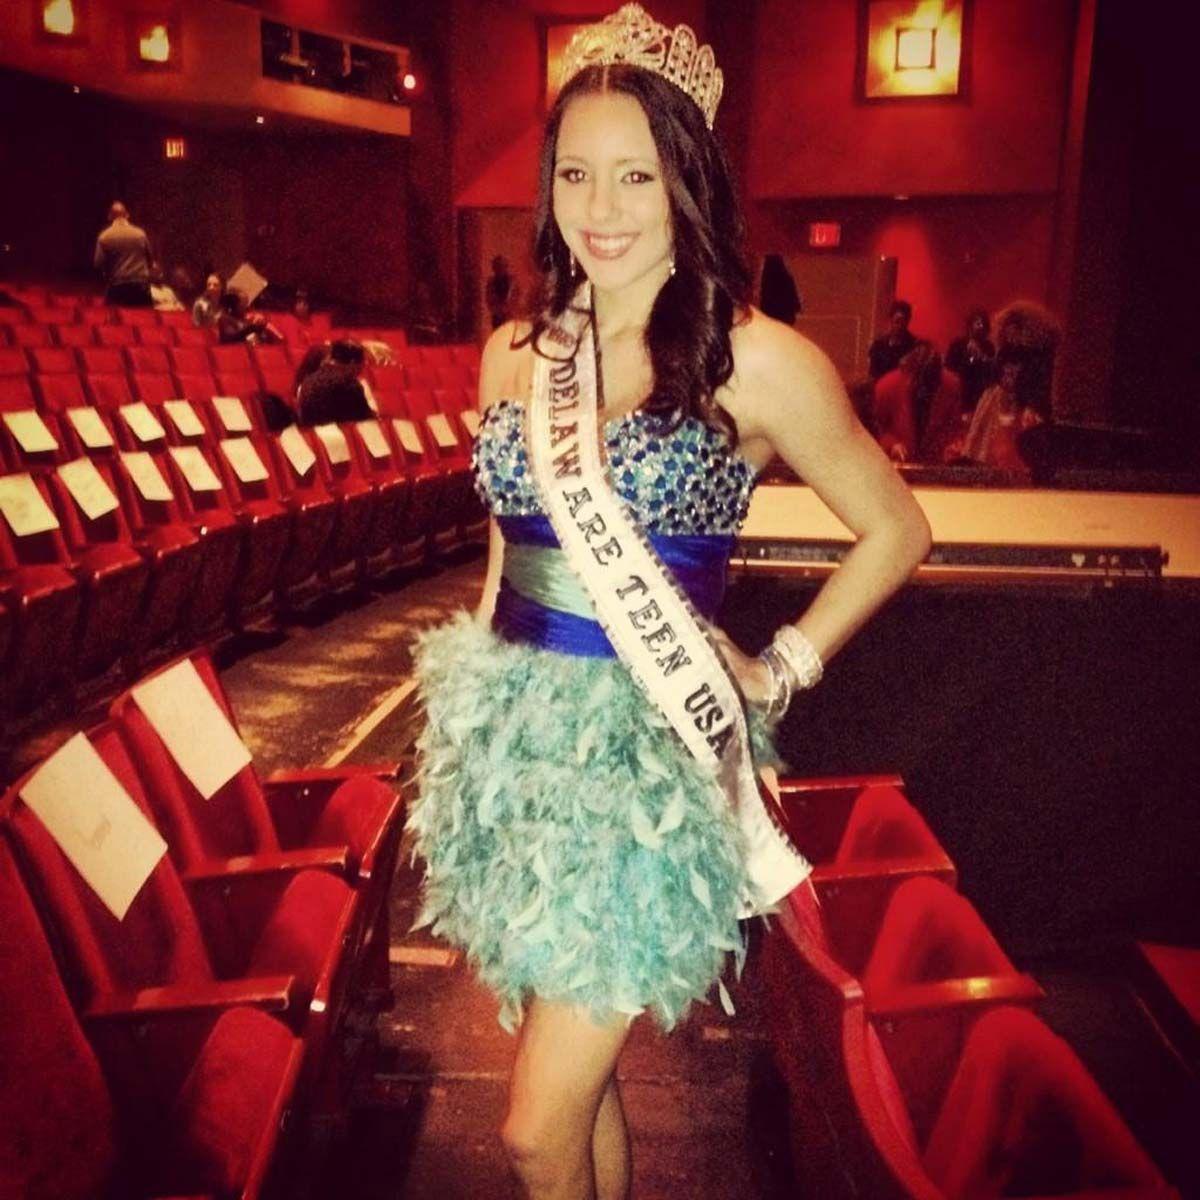 В москве началась подготовка к предстоящему конкурсу красоты под названием мисс вселенная 2013